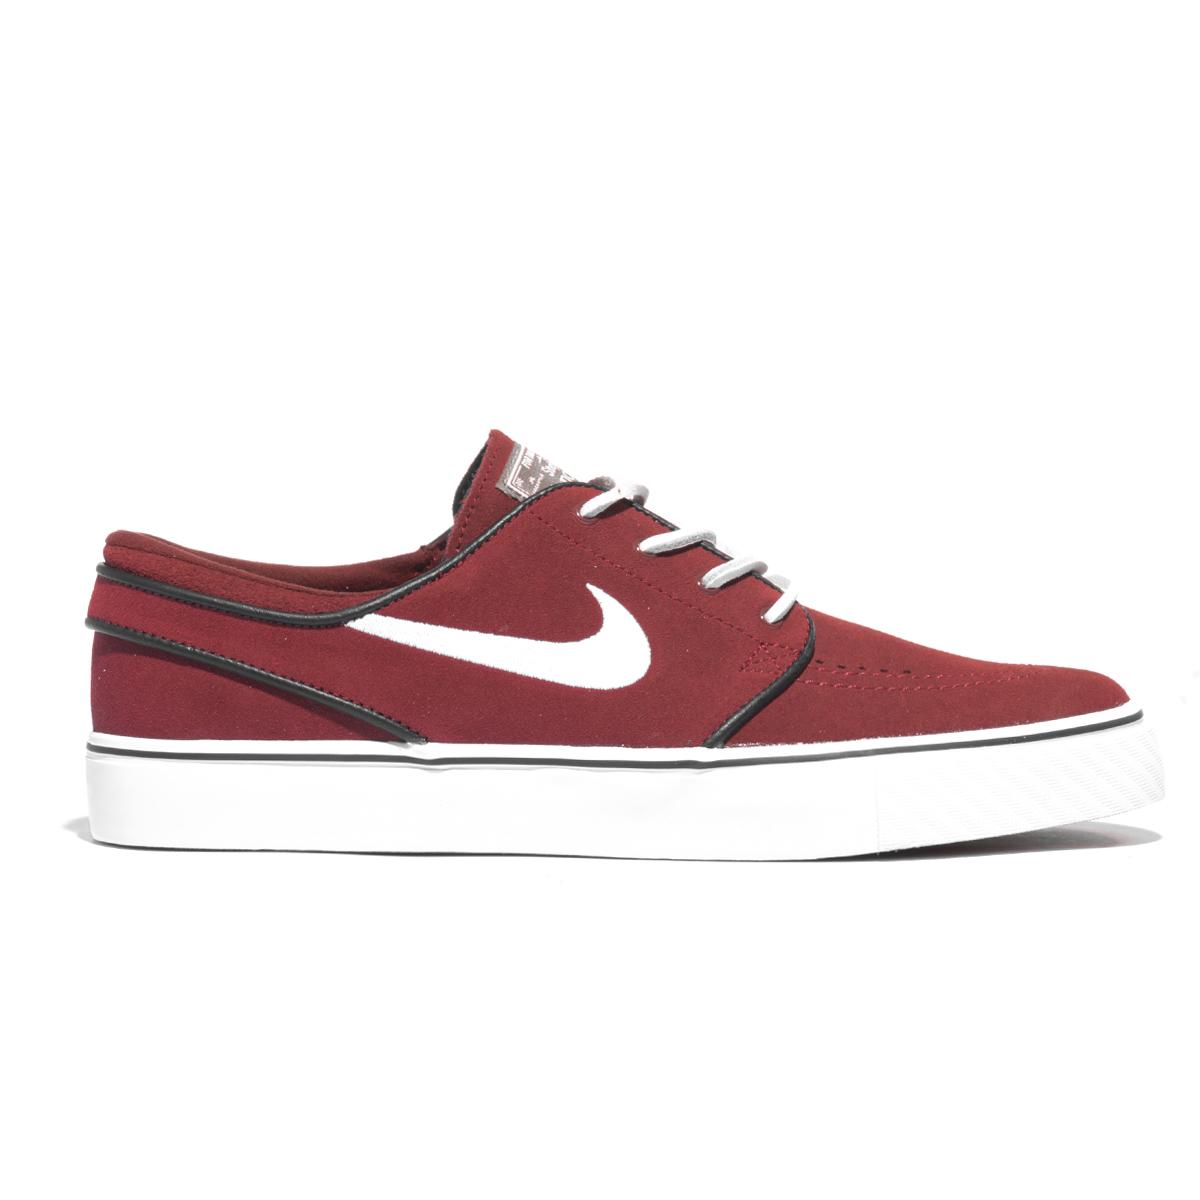 Buty Nike SB Zoom Stefan Janoski OG Red Earth / White-Black-Gum Med Brown